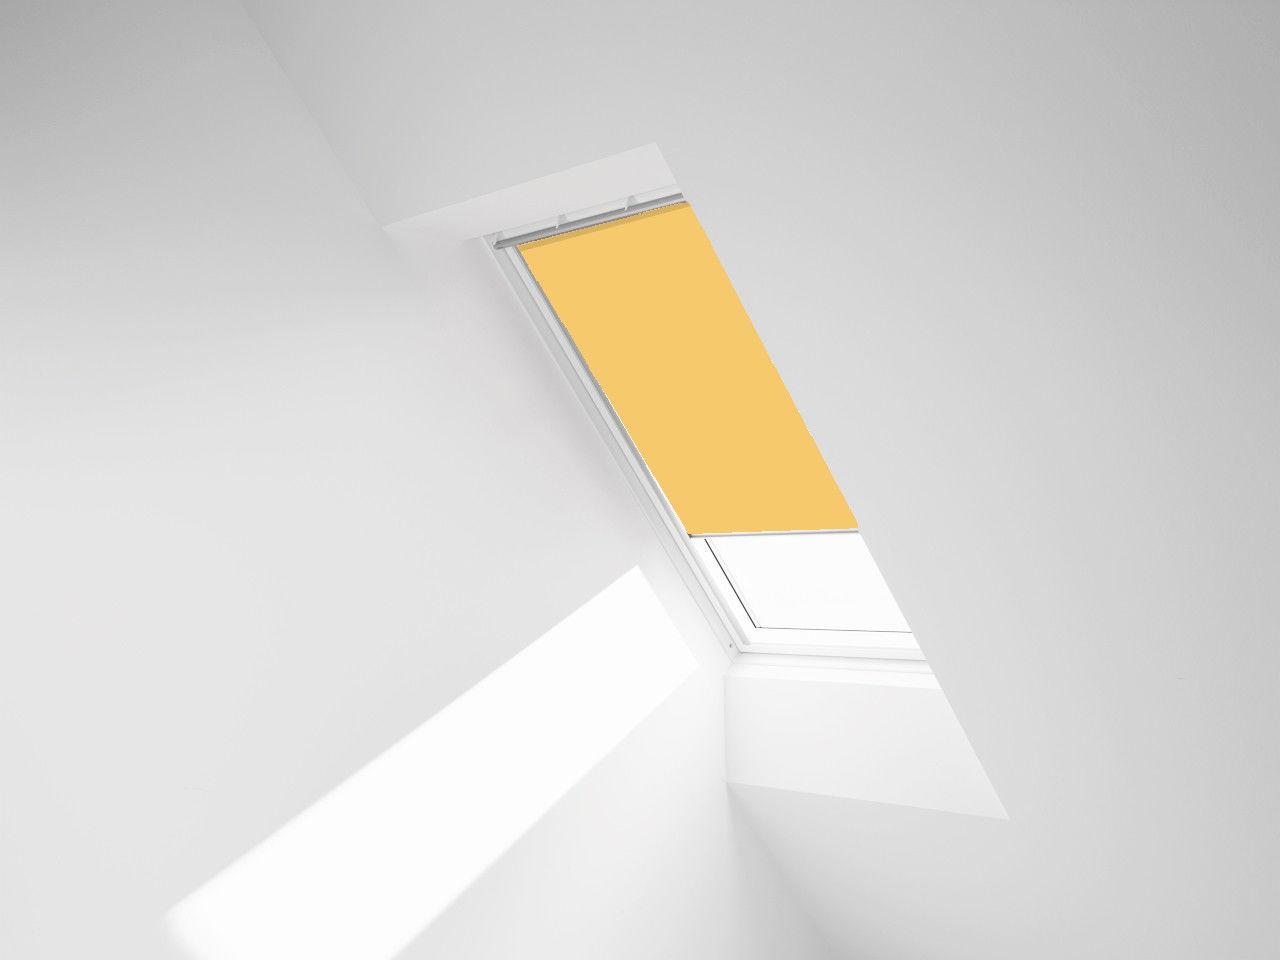 ROLETA ZACIEMNIAJĄCA ROOFART DUR - kolor 4233 (żółty) - 78x118 M6A